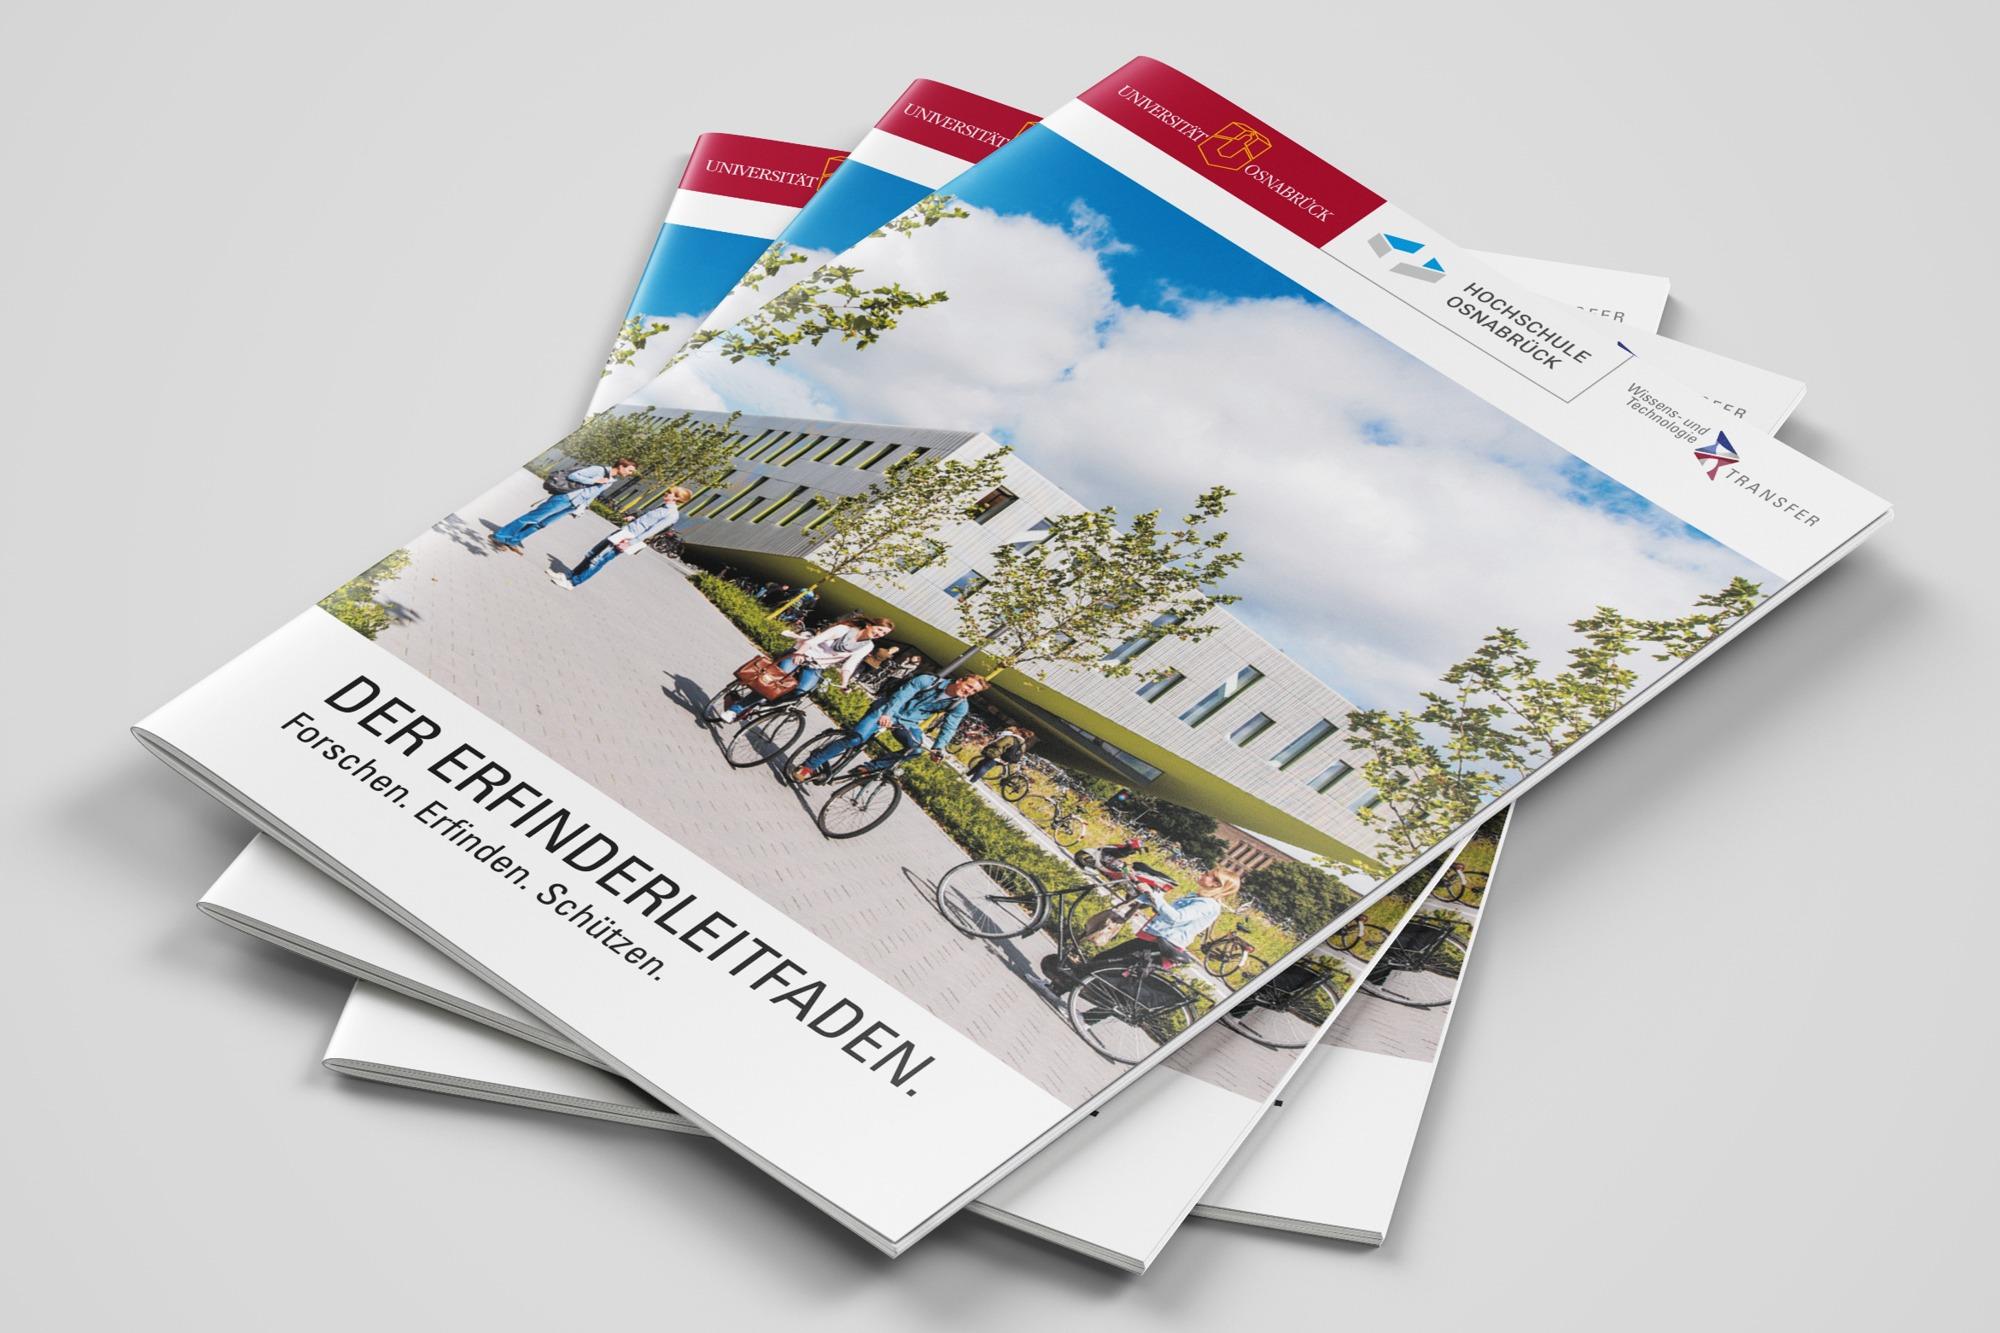 Studio dos, Grafikdesign Osnabrück, Wissens- und Technologietransfer Erfinderleitfaden Cover